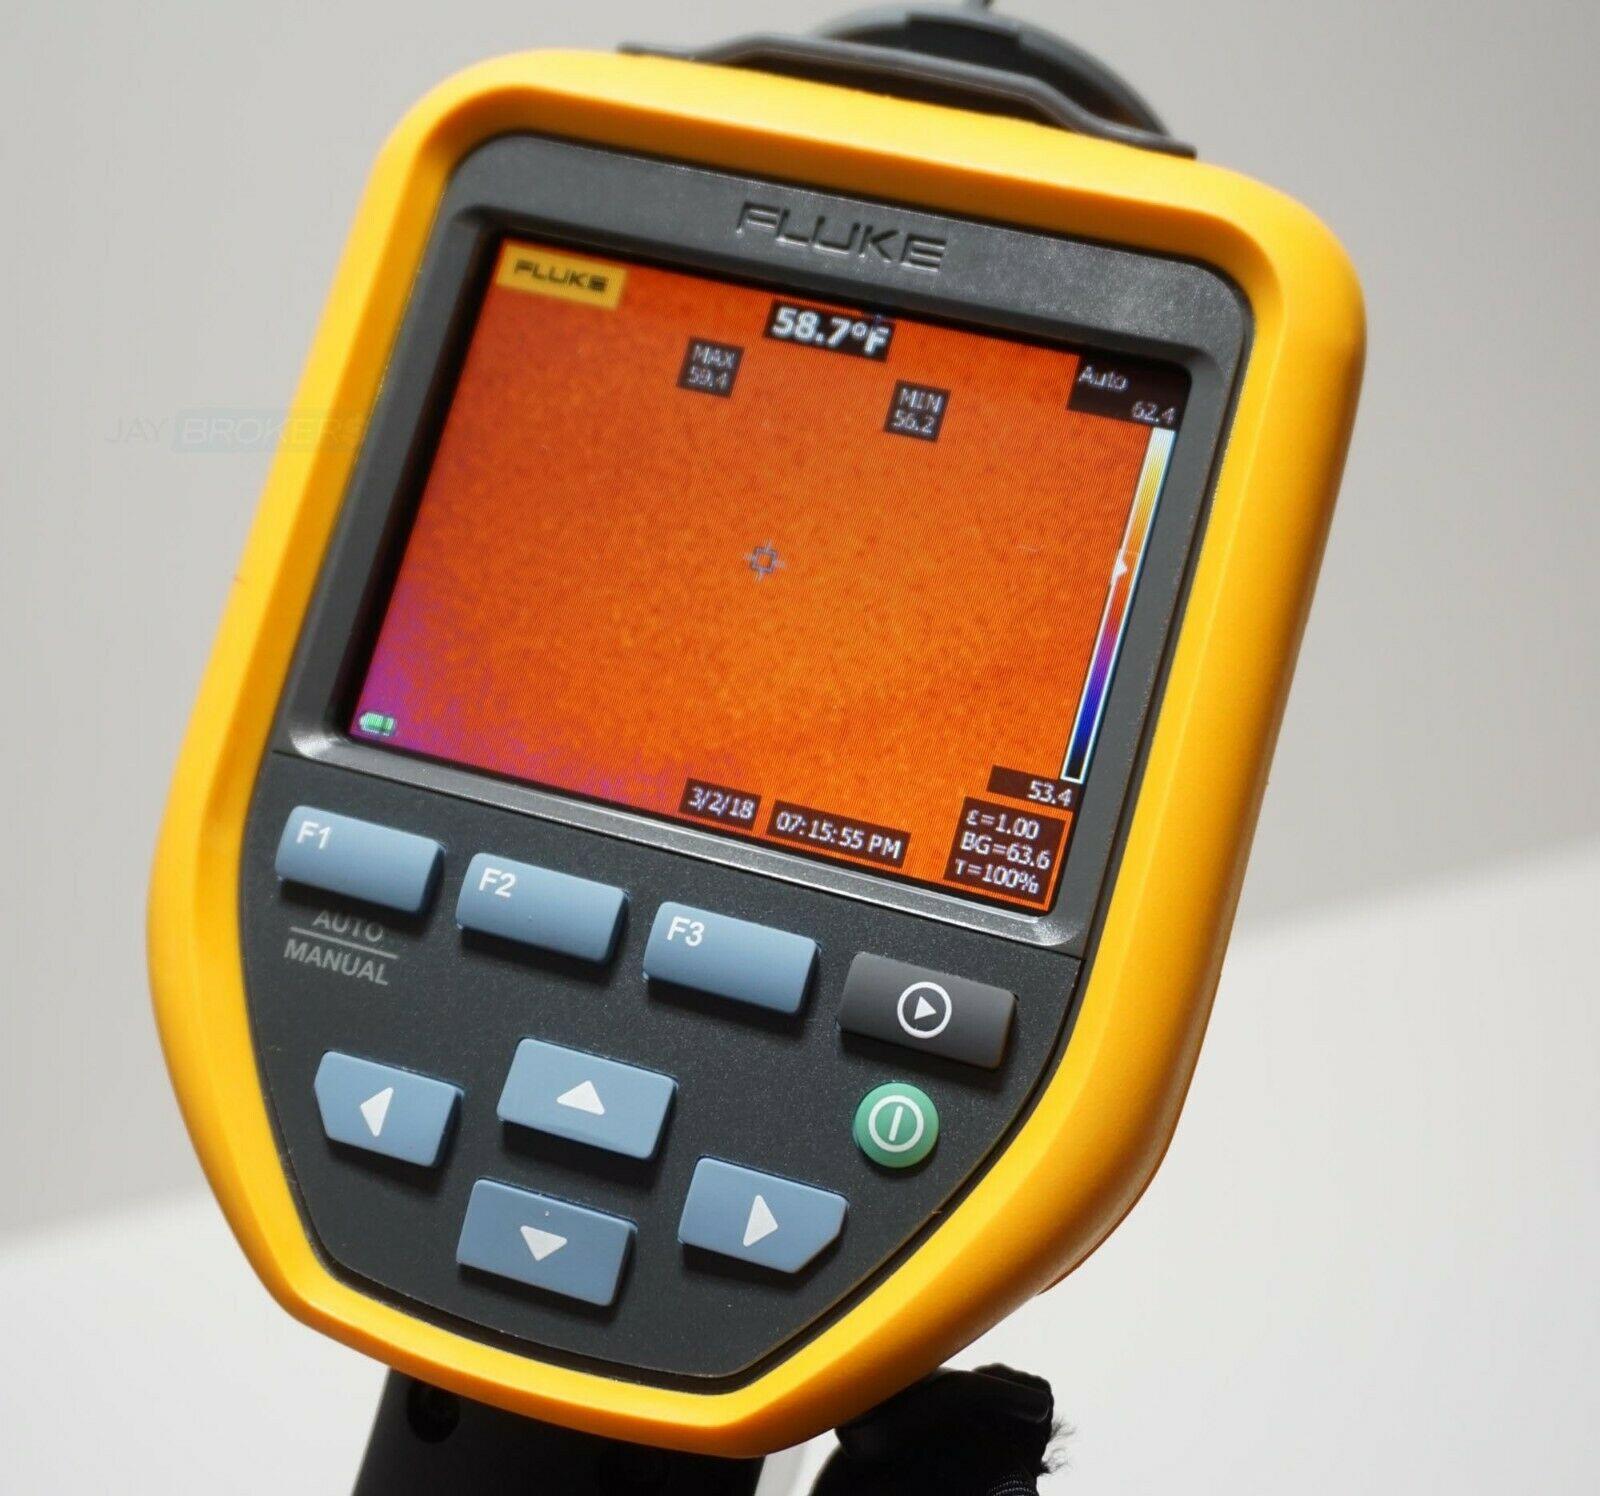 Fluke TIS45 Infrared Camera Thermal Imager